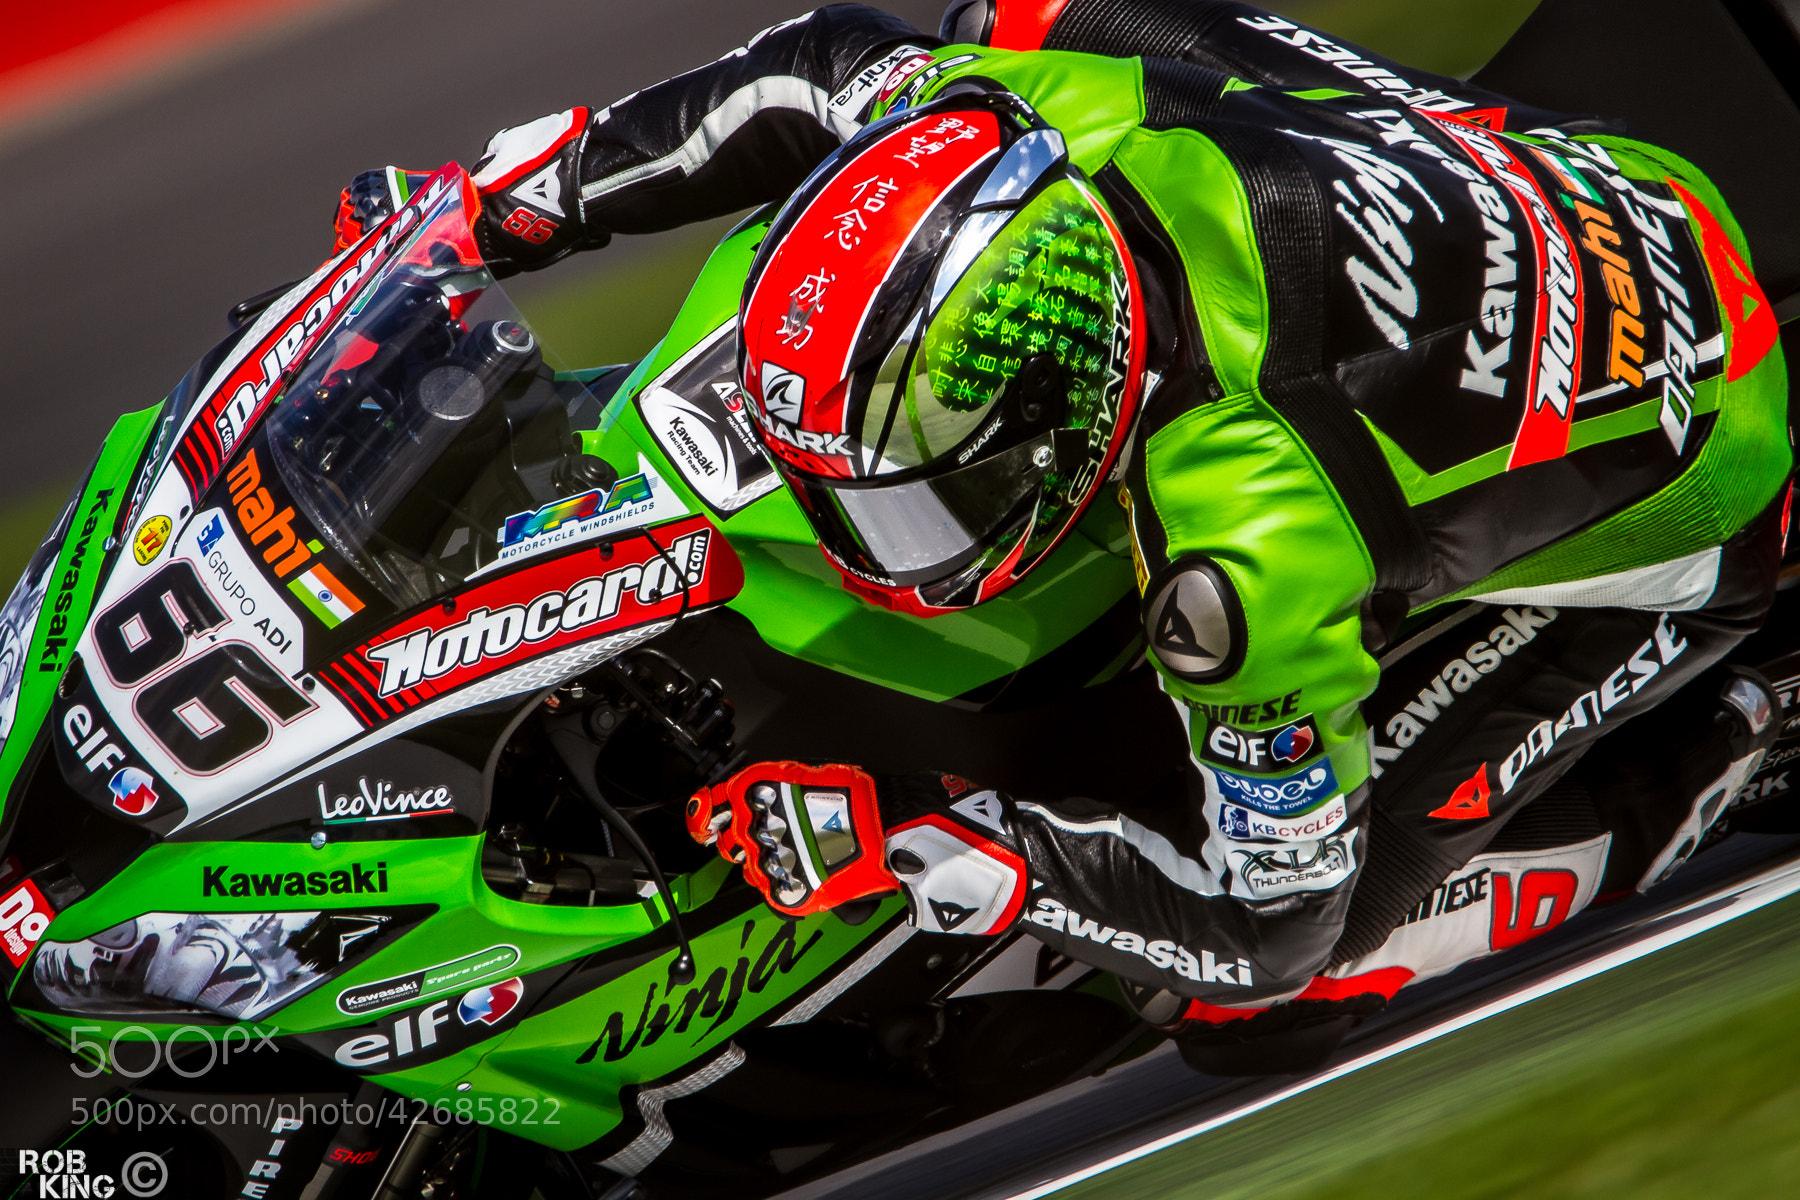 Photograph Tom Sykes - Kawasaki Racing Team by Robert King on 500px